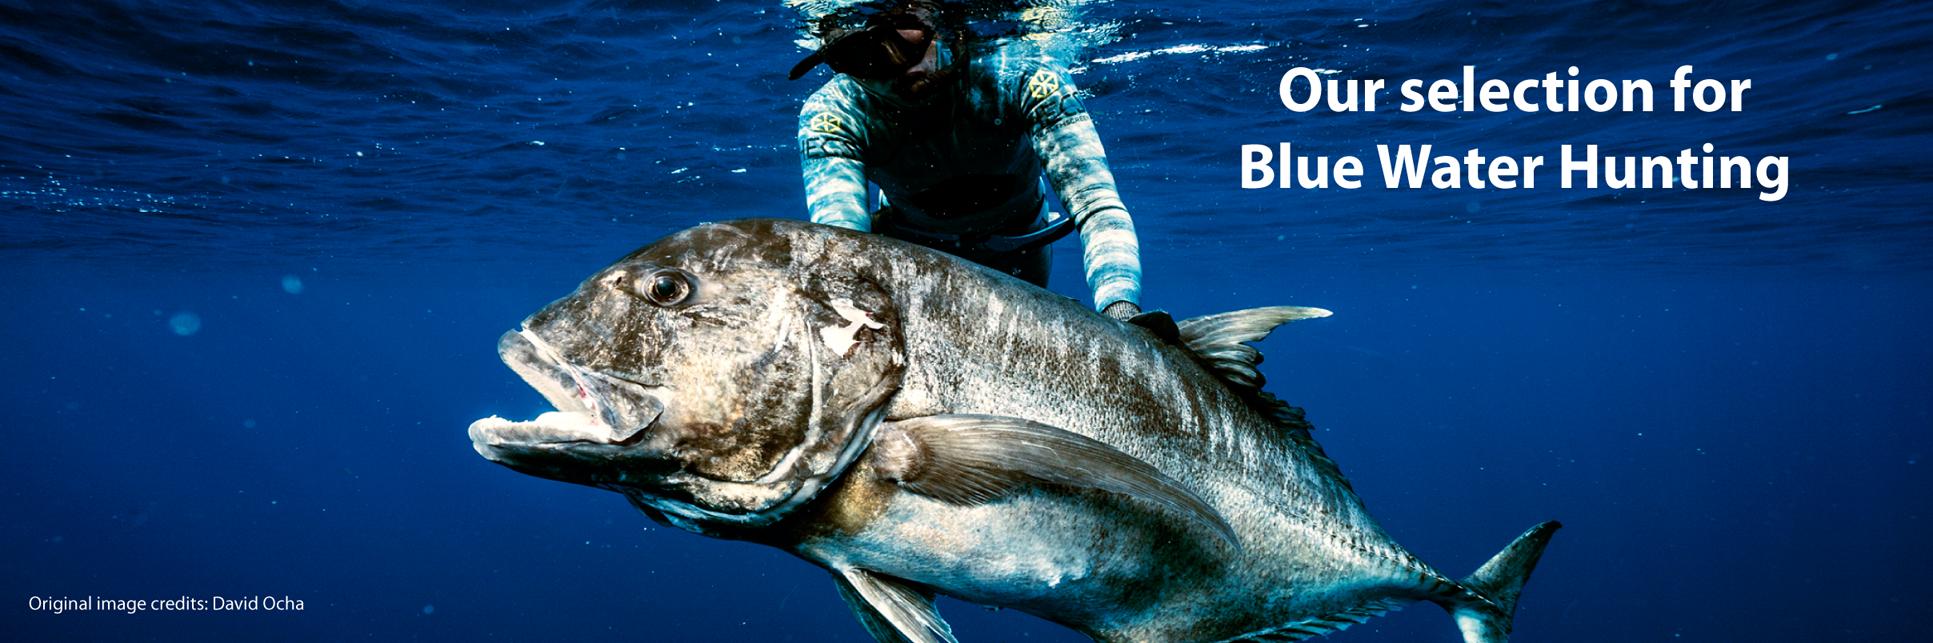 Equipos y accesorios con especificación para bluewater hunting